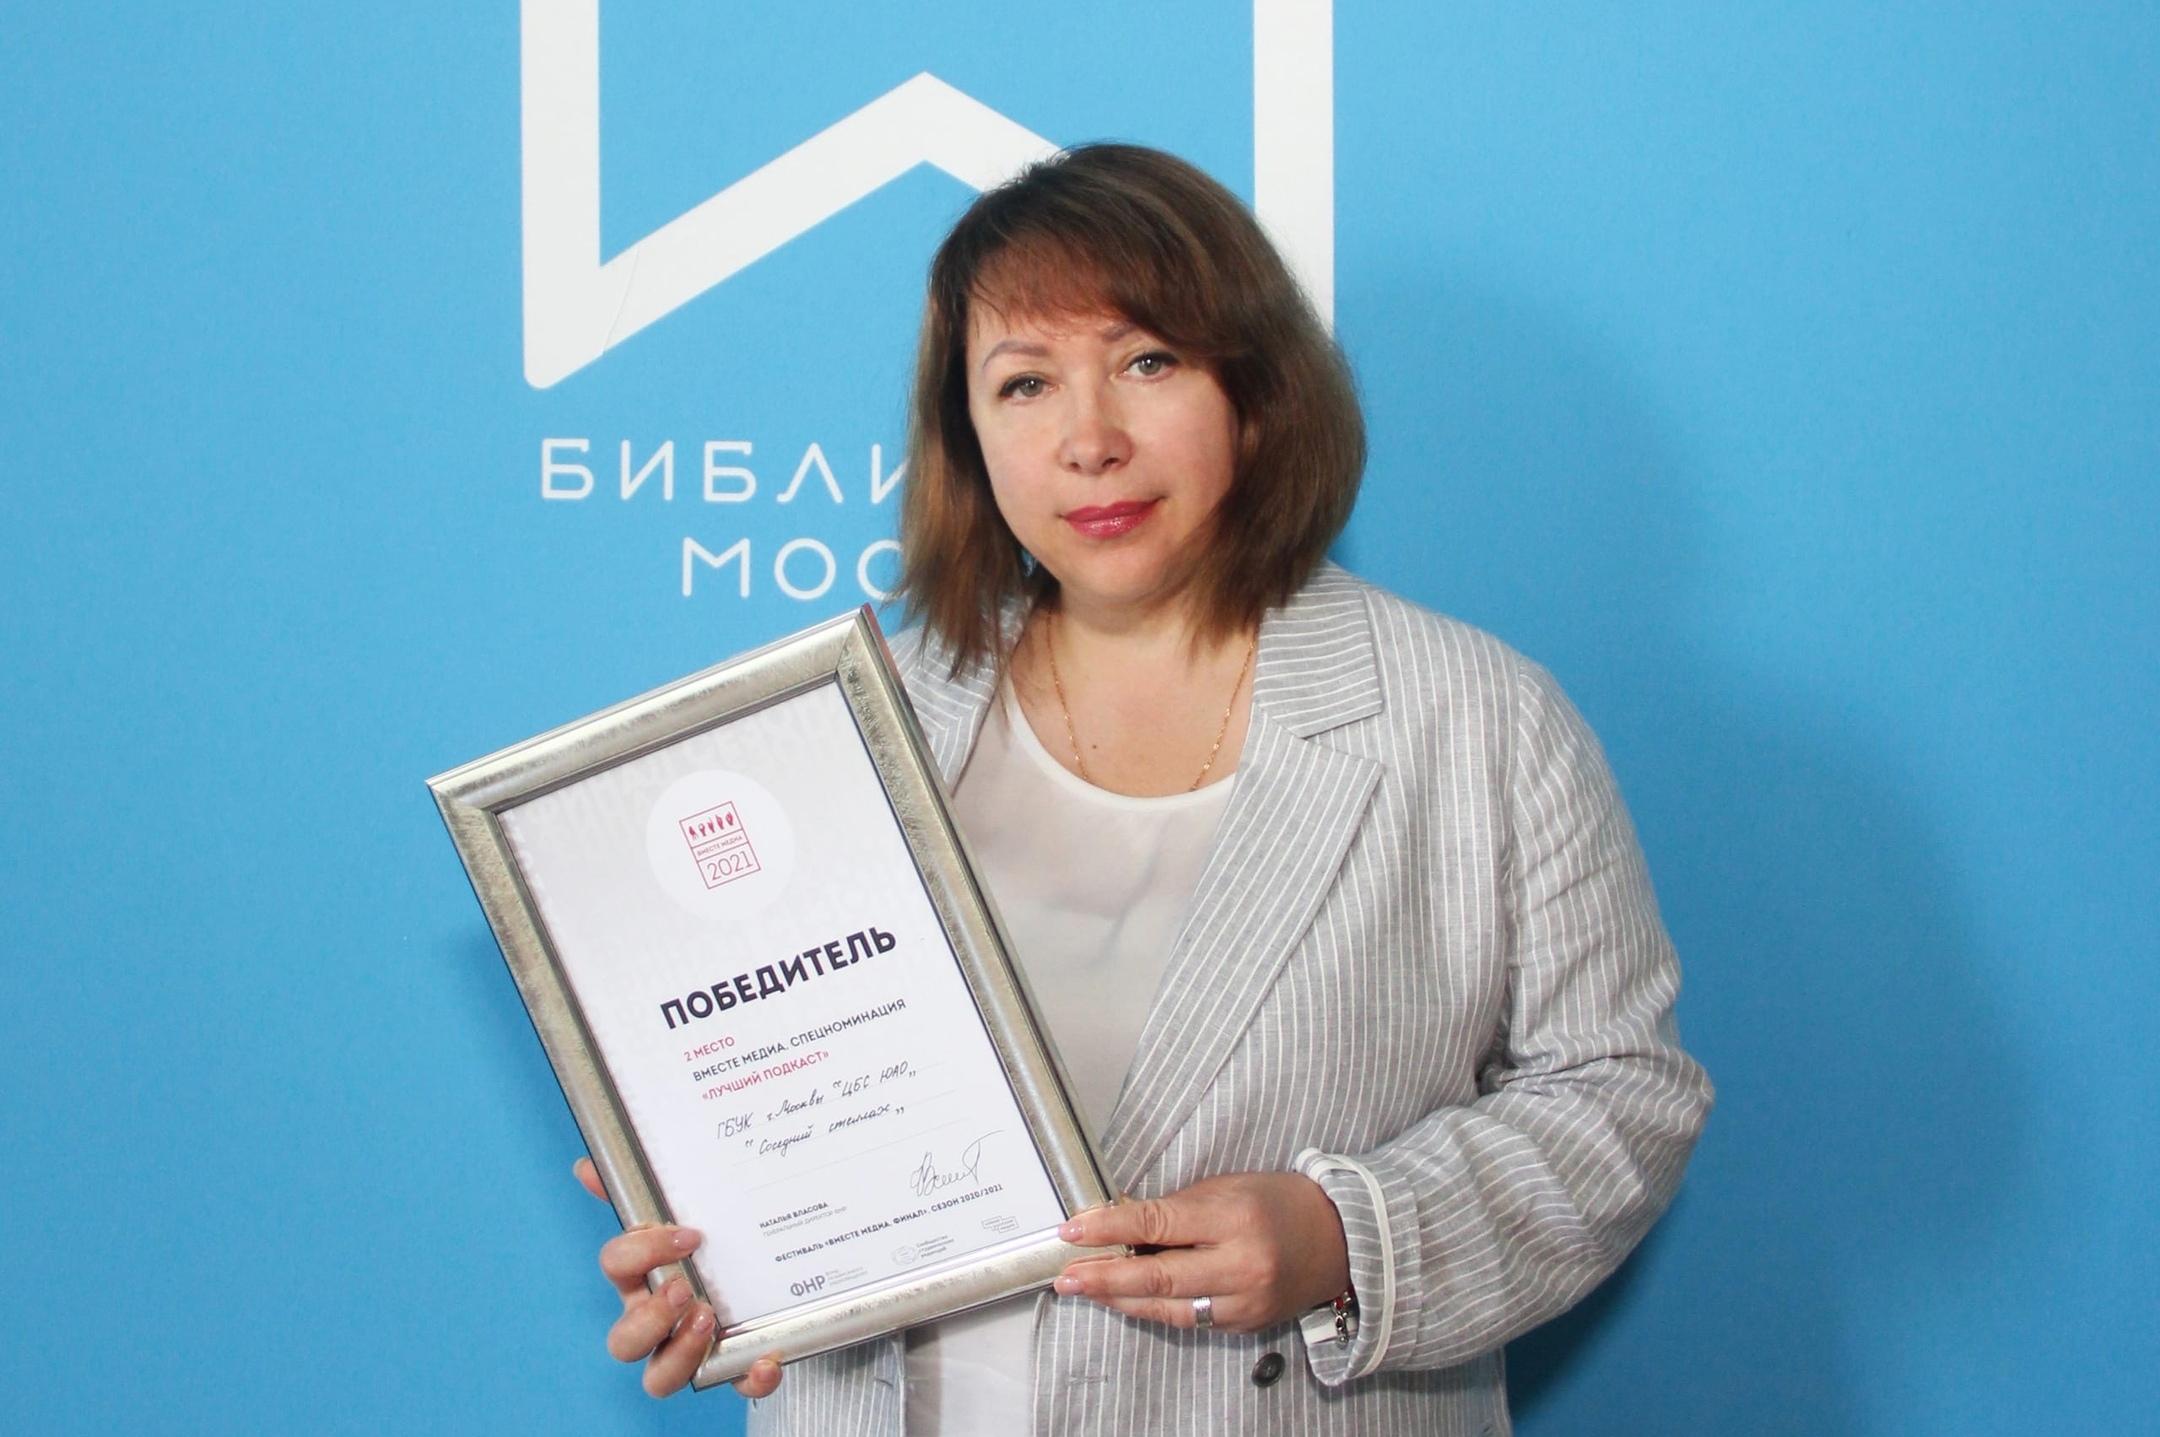 Подкаст «Соседний стеллаж» занял второе место во Всероссийском конкурсе